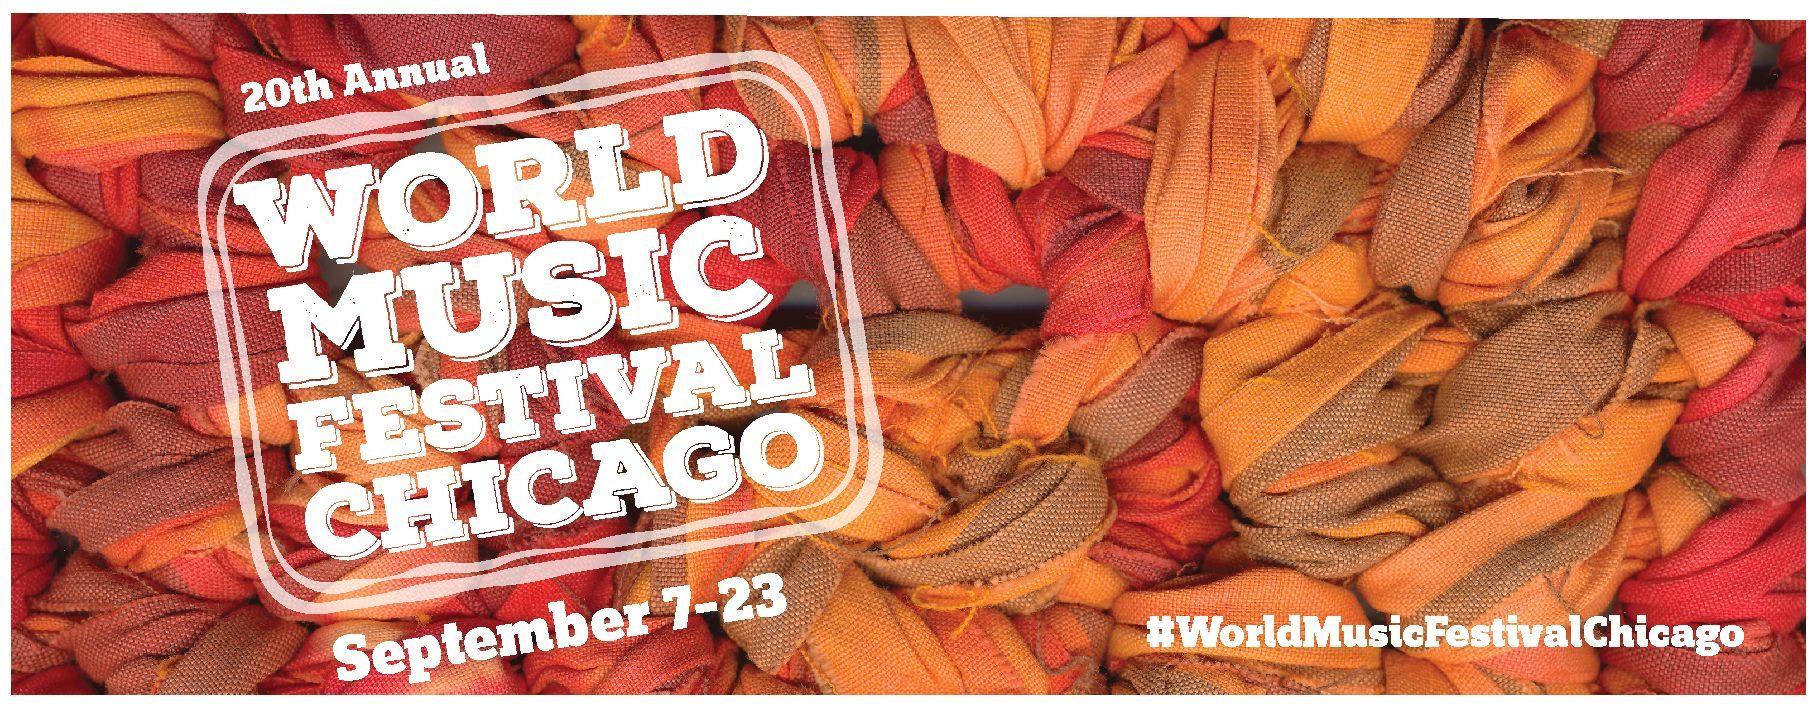 World Music Festival Chicago 2019